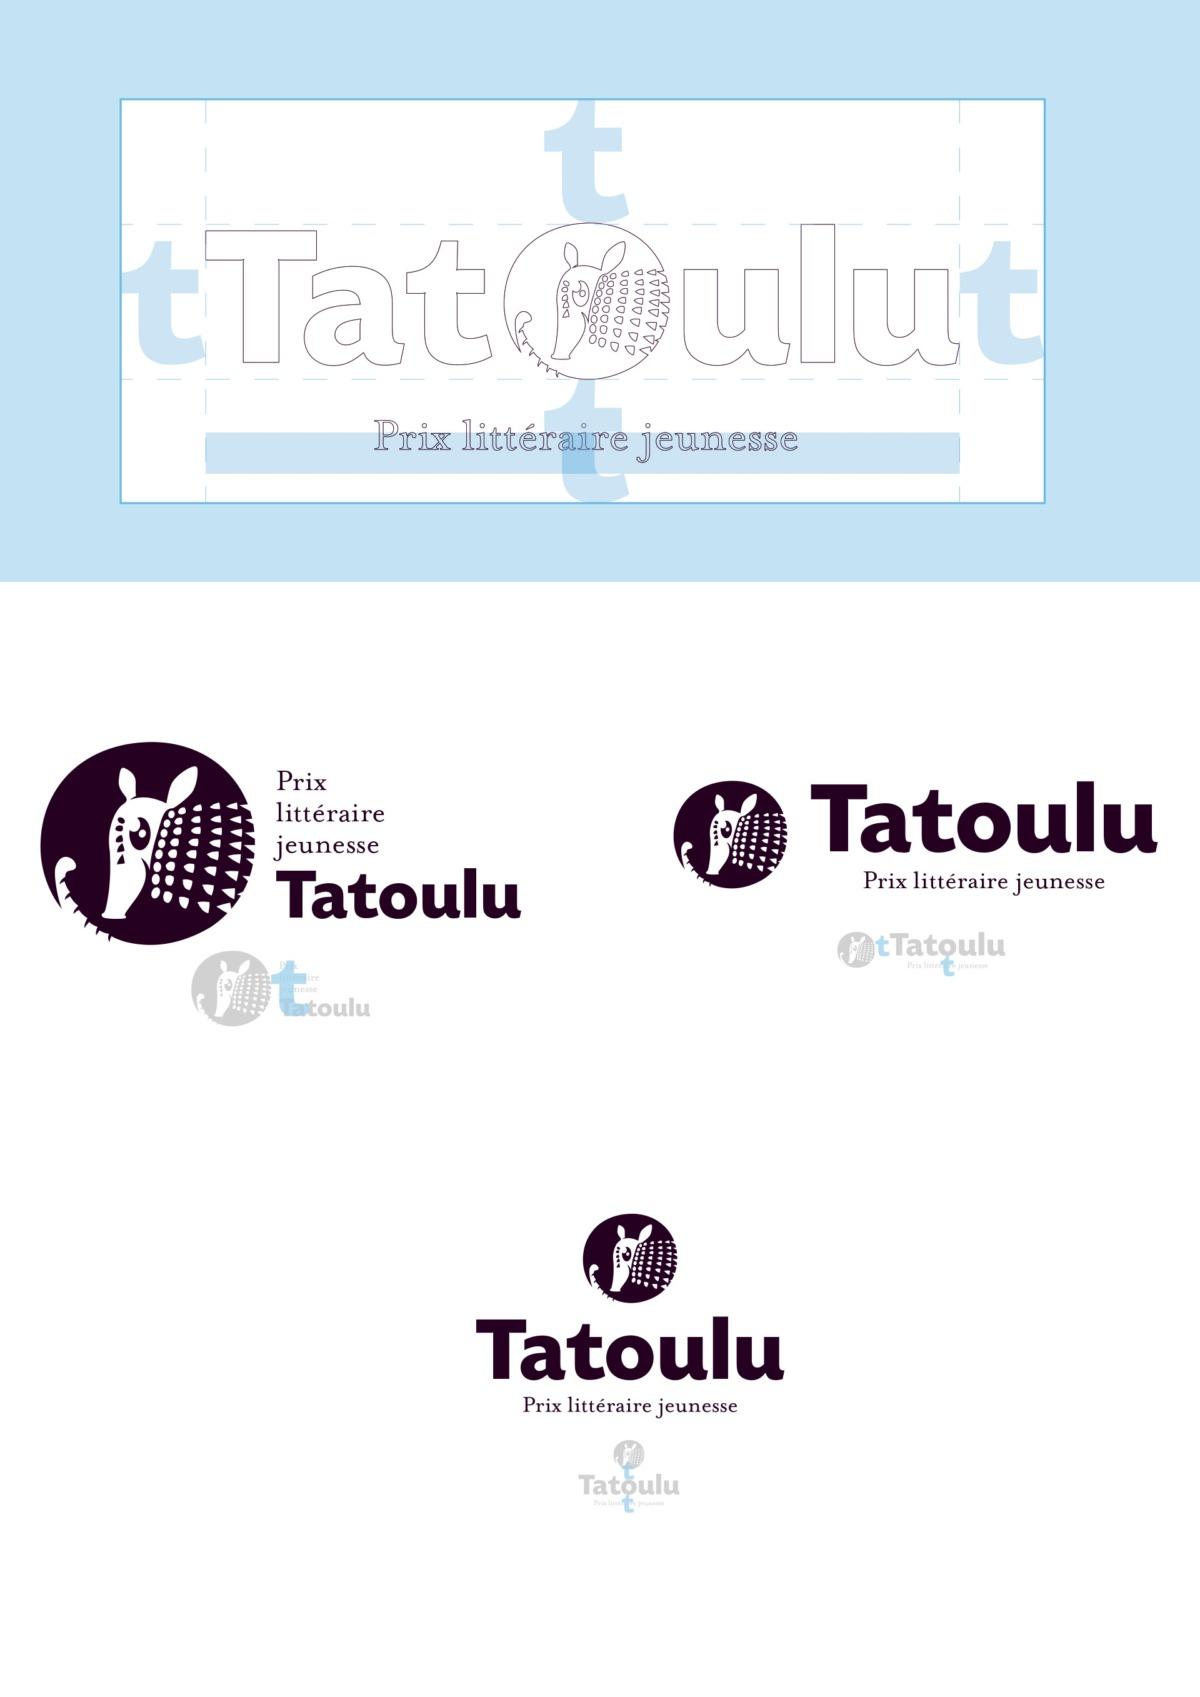 Calage du logo tatoulu - télégraphie - Janzé - pays de la roche aux Fées